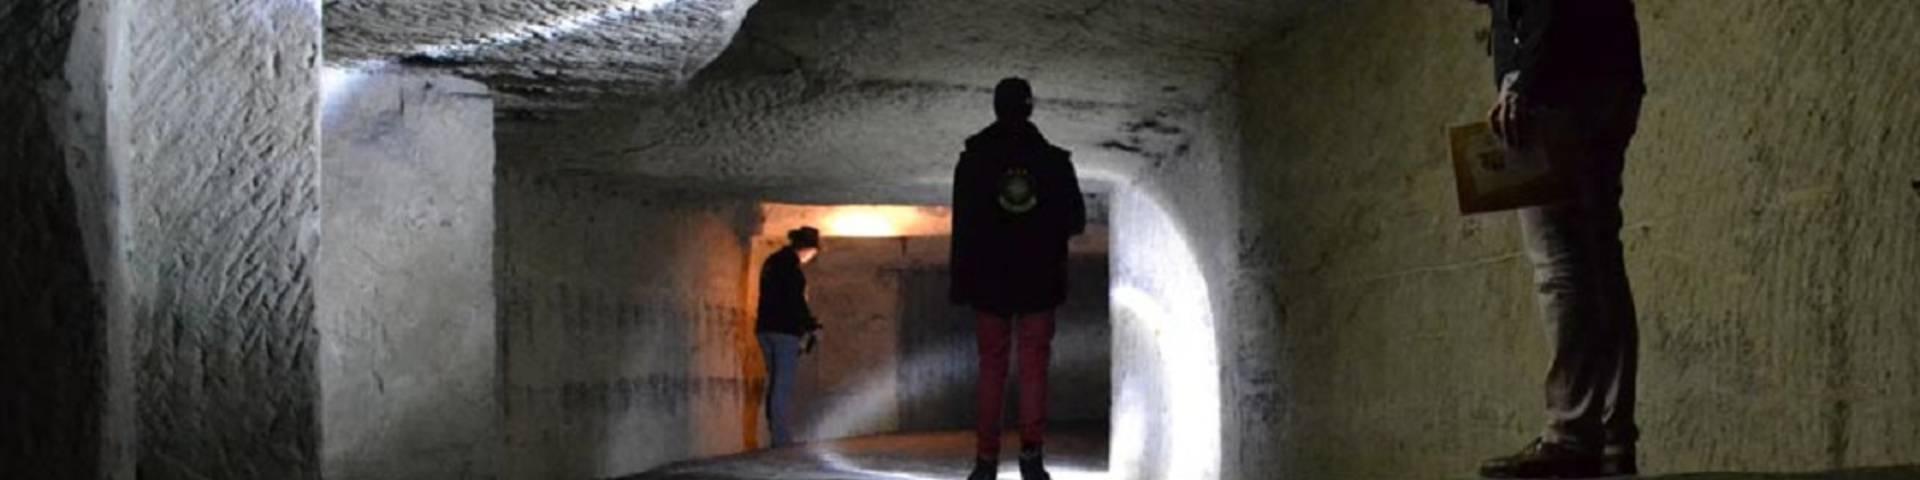 Búsqueda del tesoro en una cueva troglodítica. © DR